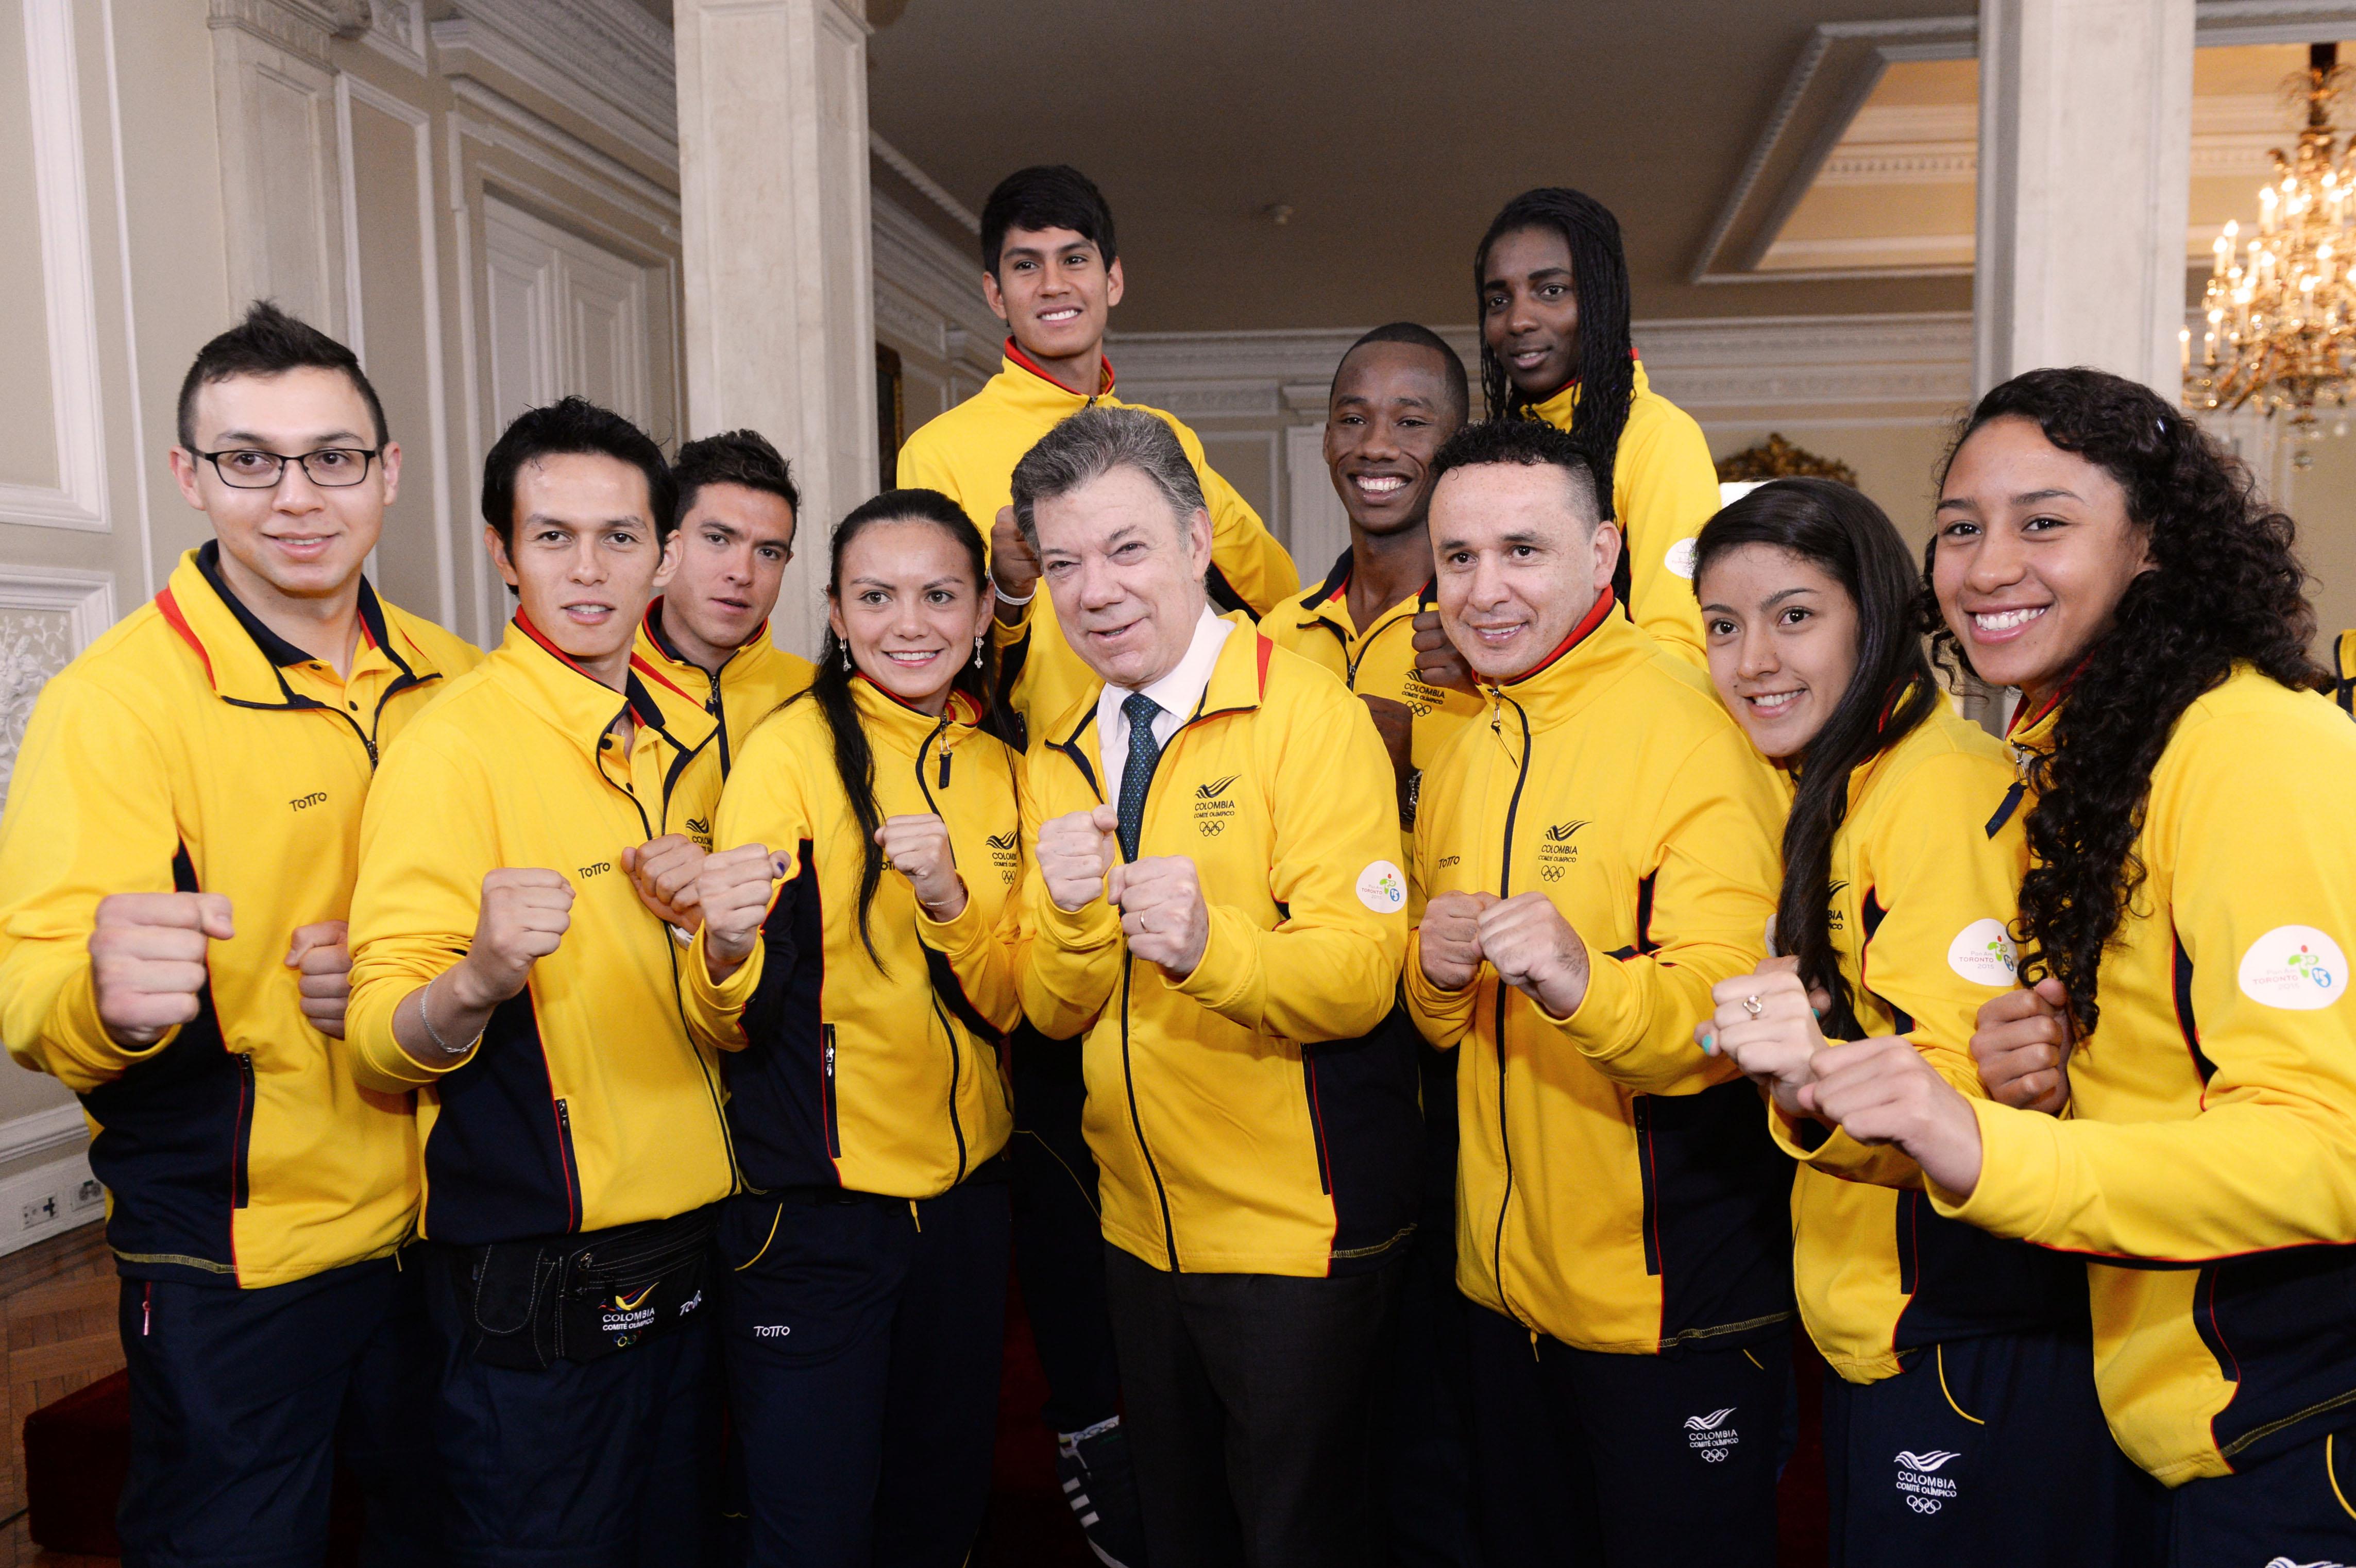 Entrega del Pabellón Nacional a la delegación colombiana que irá a los Juegos Panamericanos en Toronto4